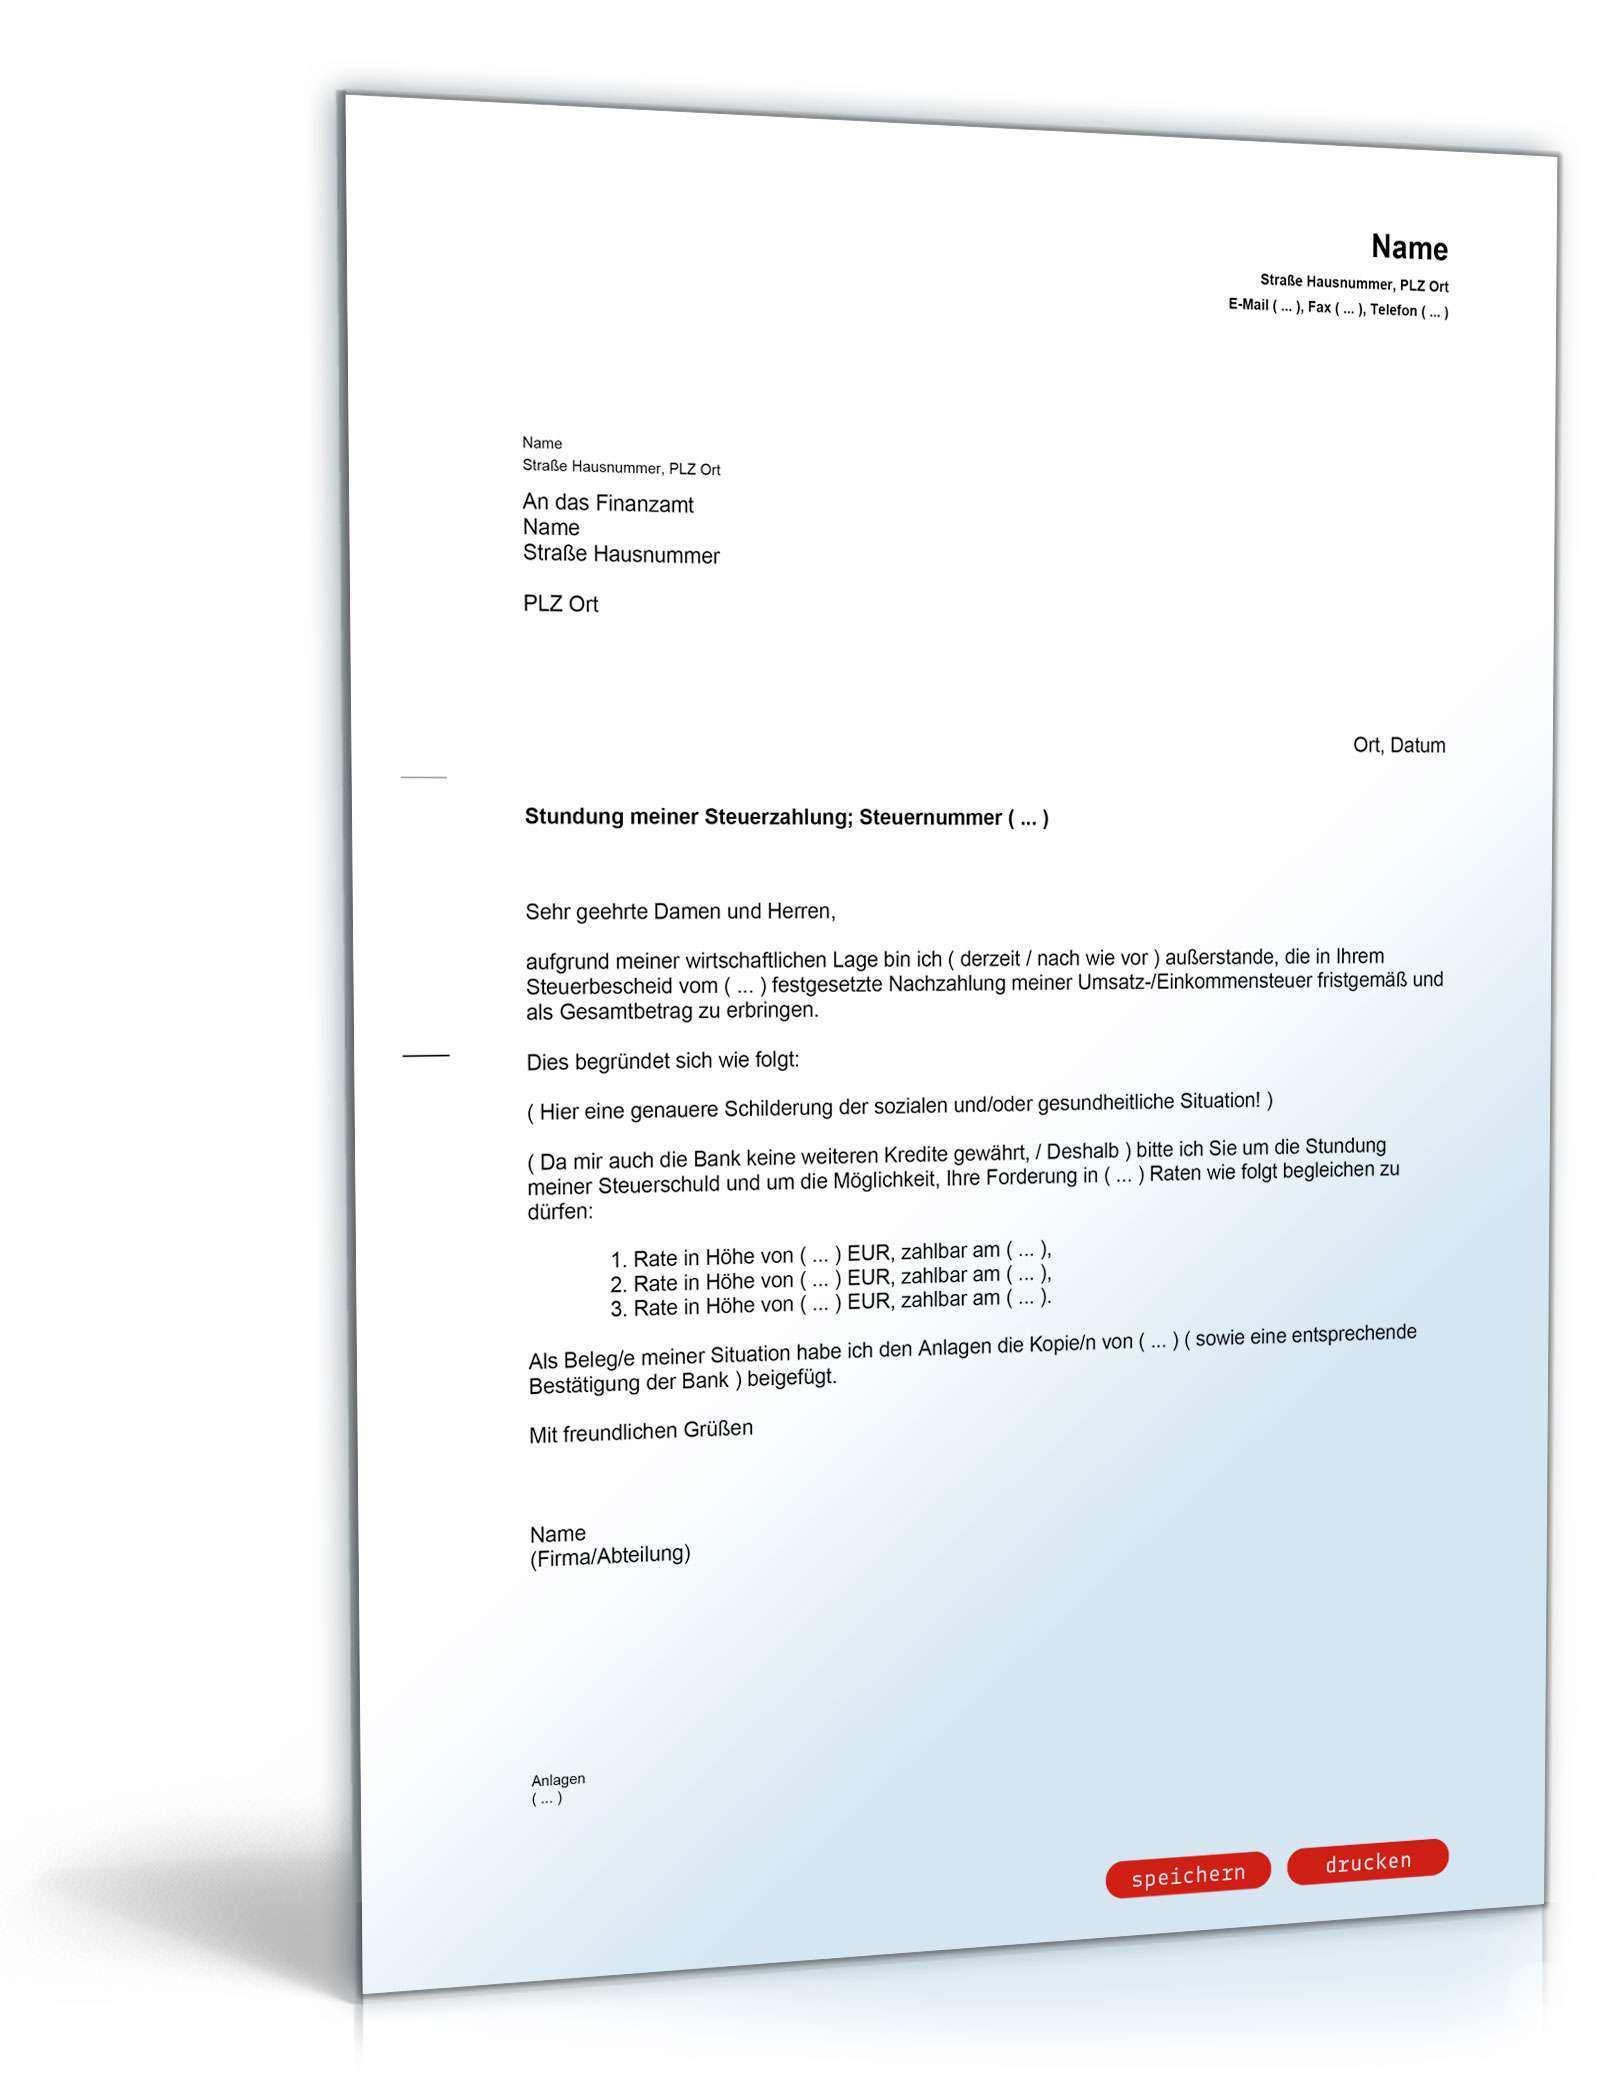 Bitte Um Ratenzahlung Der Steuerschuld Muster Vorlage Zum Download